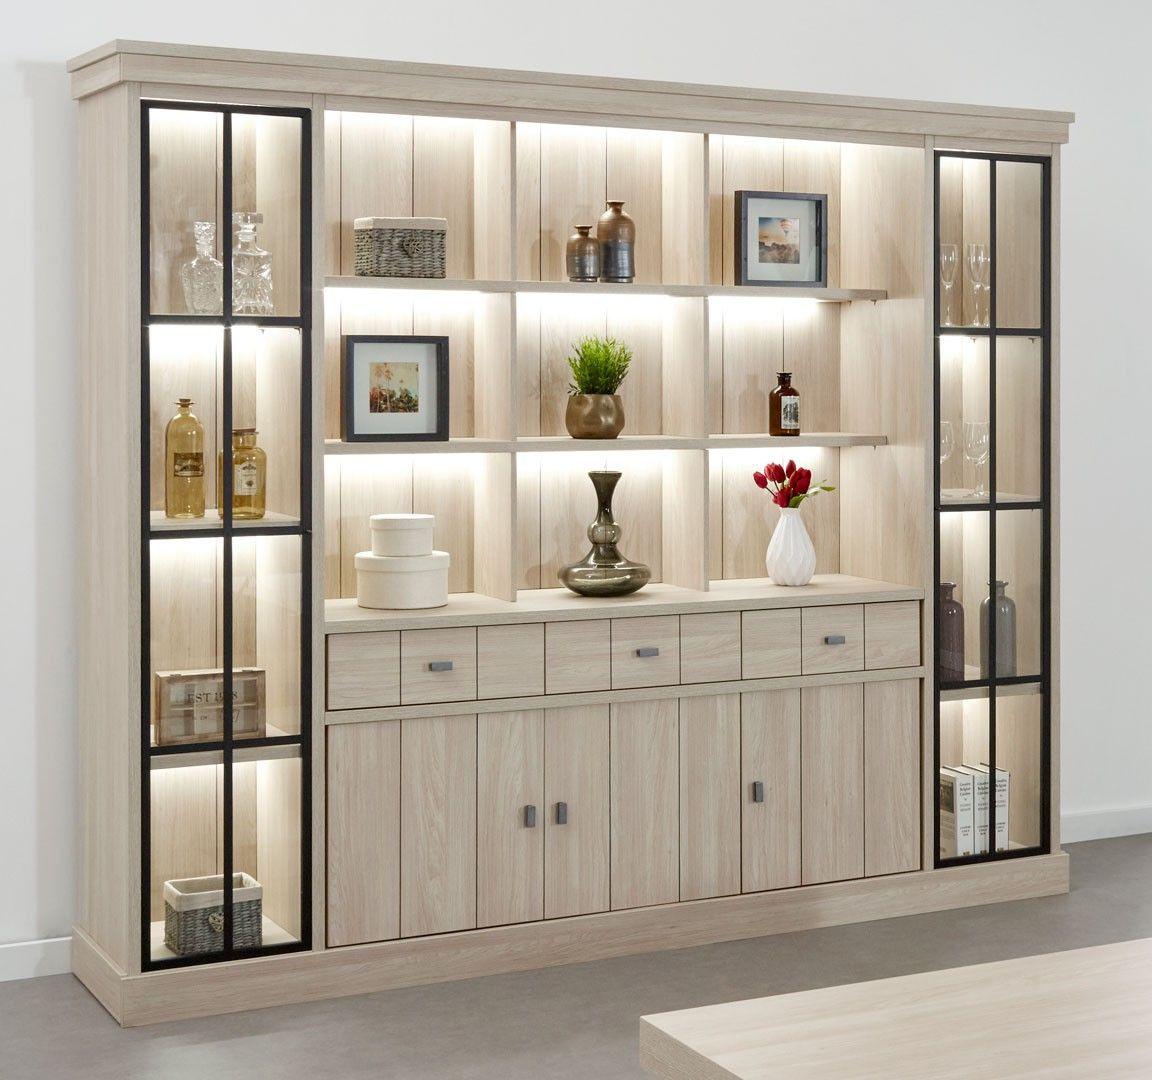 Bibliotheque Contemporaine 250 Cm Coloris Orme Naturel Vaucluse Matelpro Home Room Design Interior Design Dining Room Living Room Design Modern